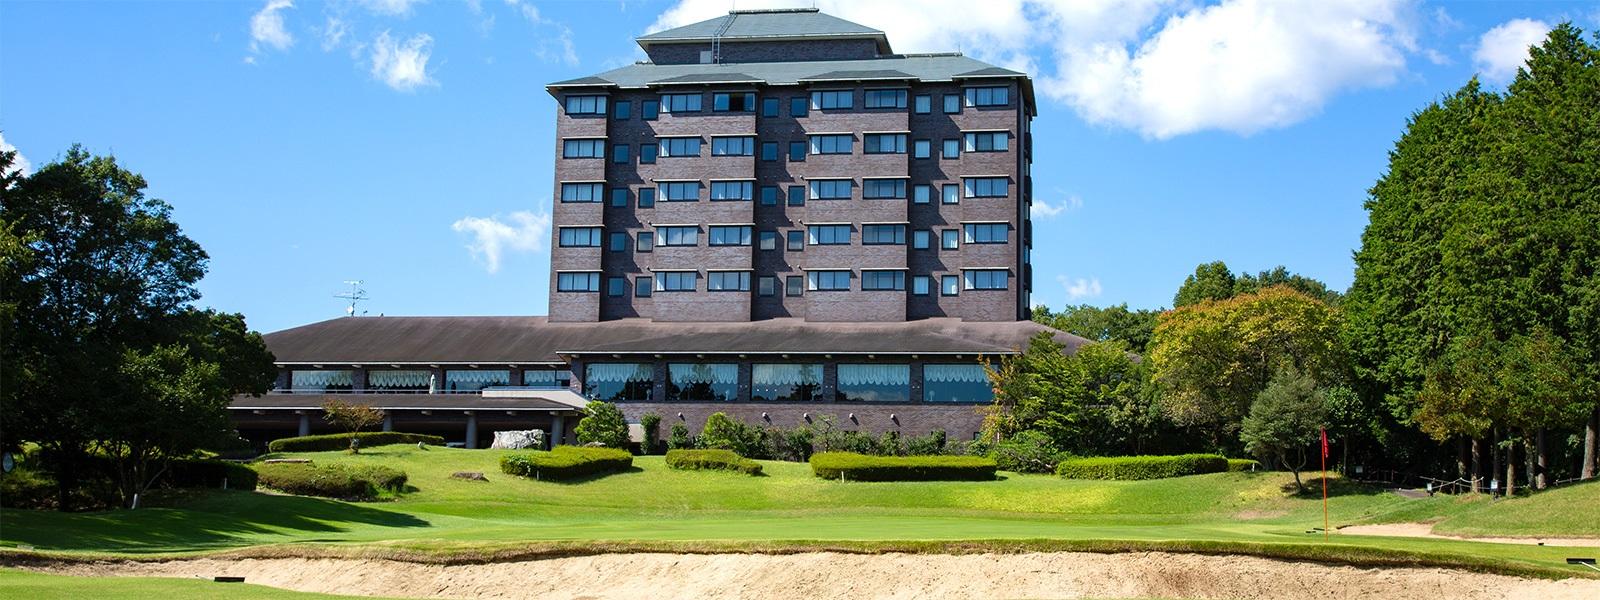 マナホテル